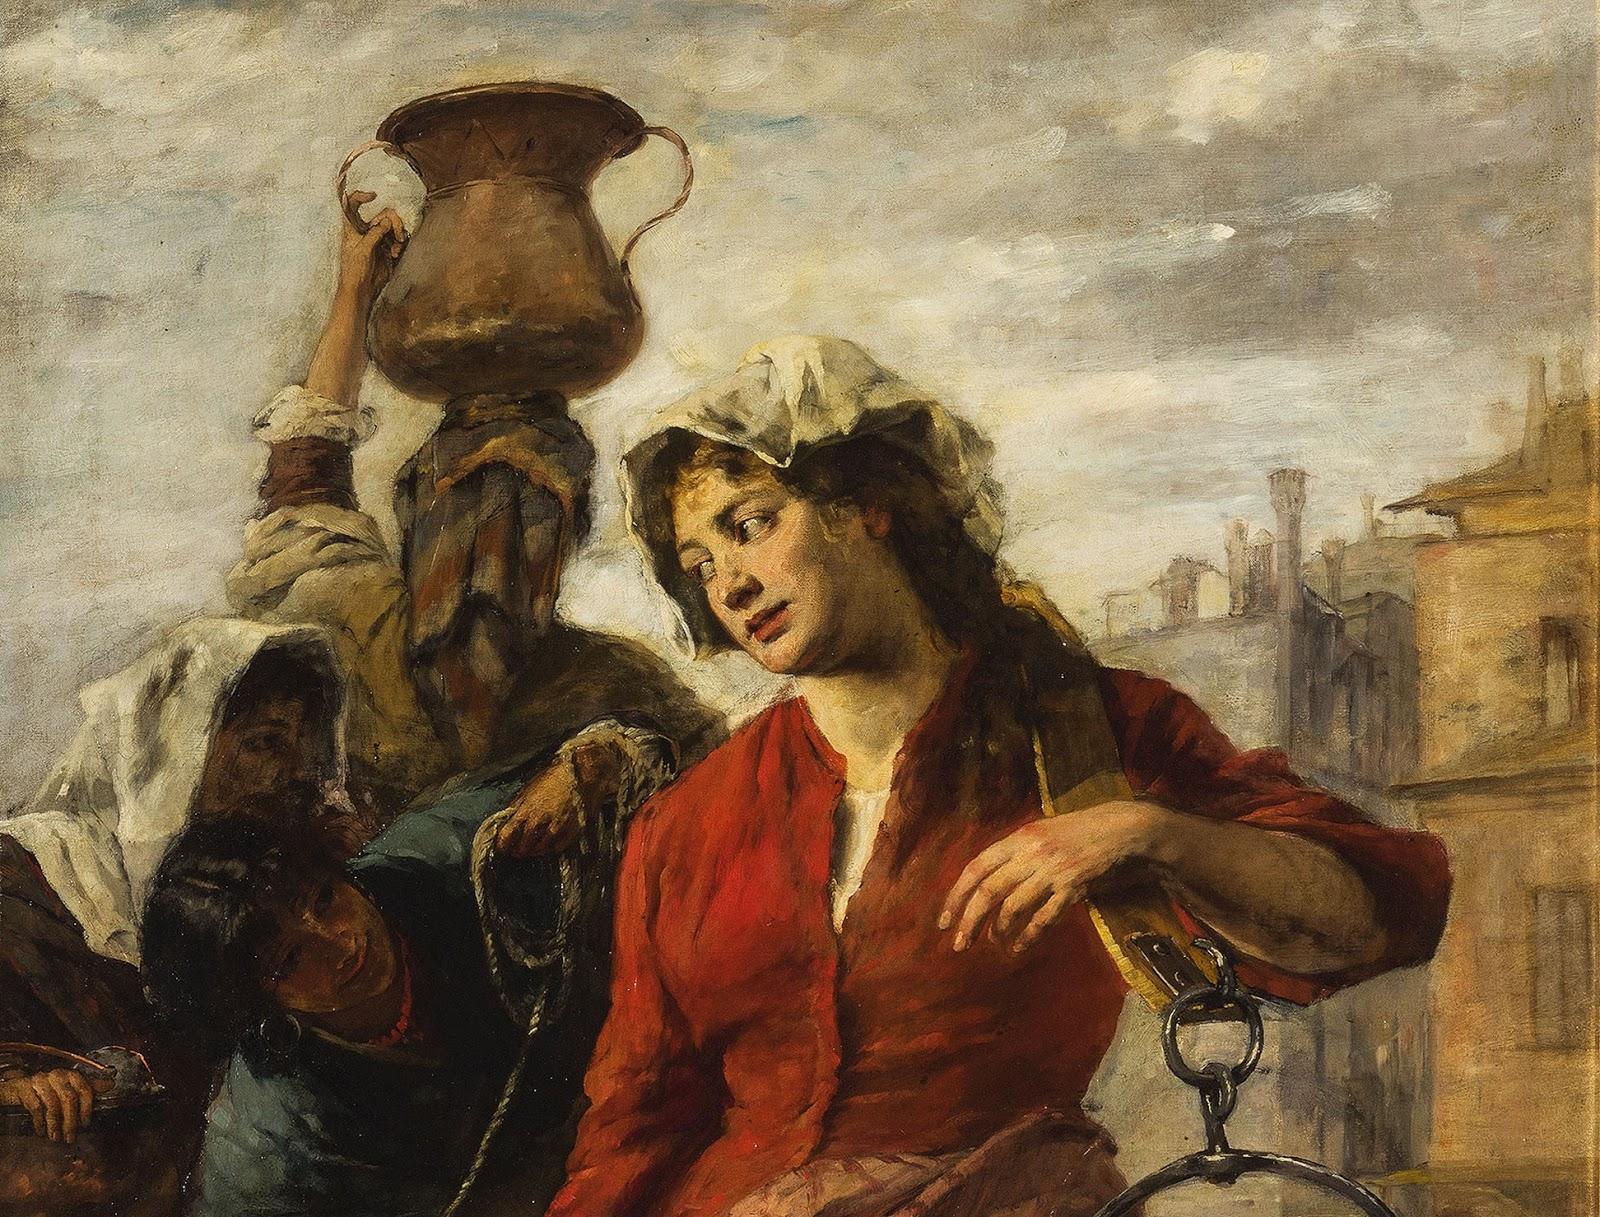 Alessandro Milesi Fanciulle  alla  fonte  a  Venezia detail